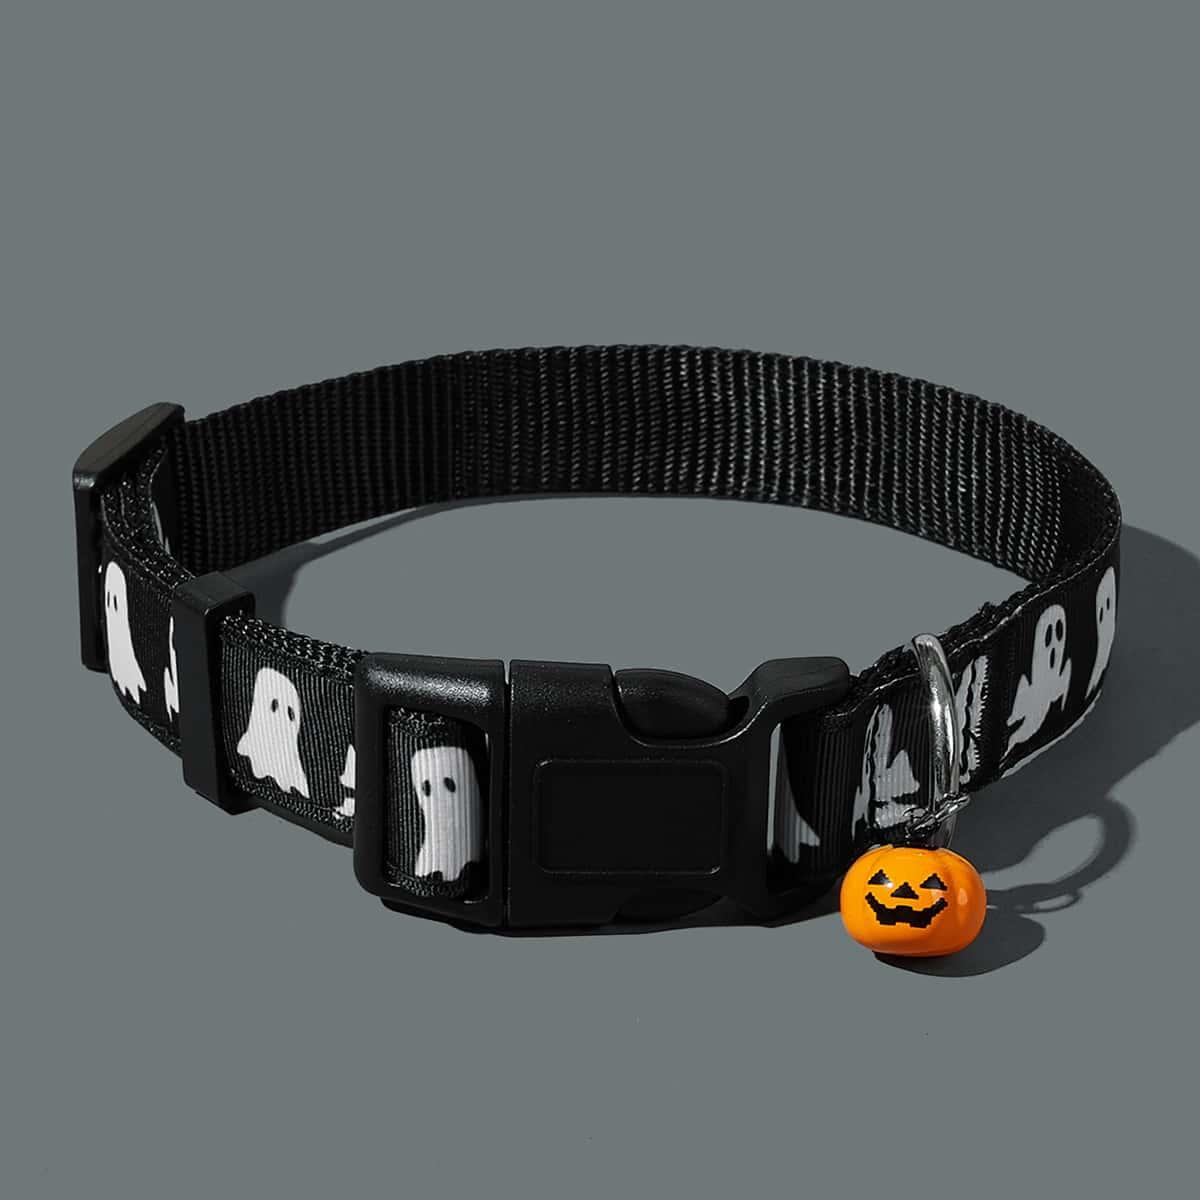 1 Stück Zufälliges Haustierhalsband mit Halloween Muster